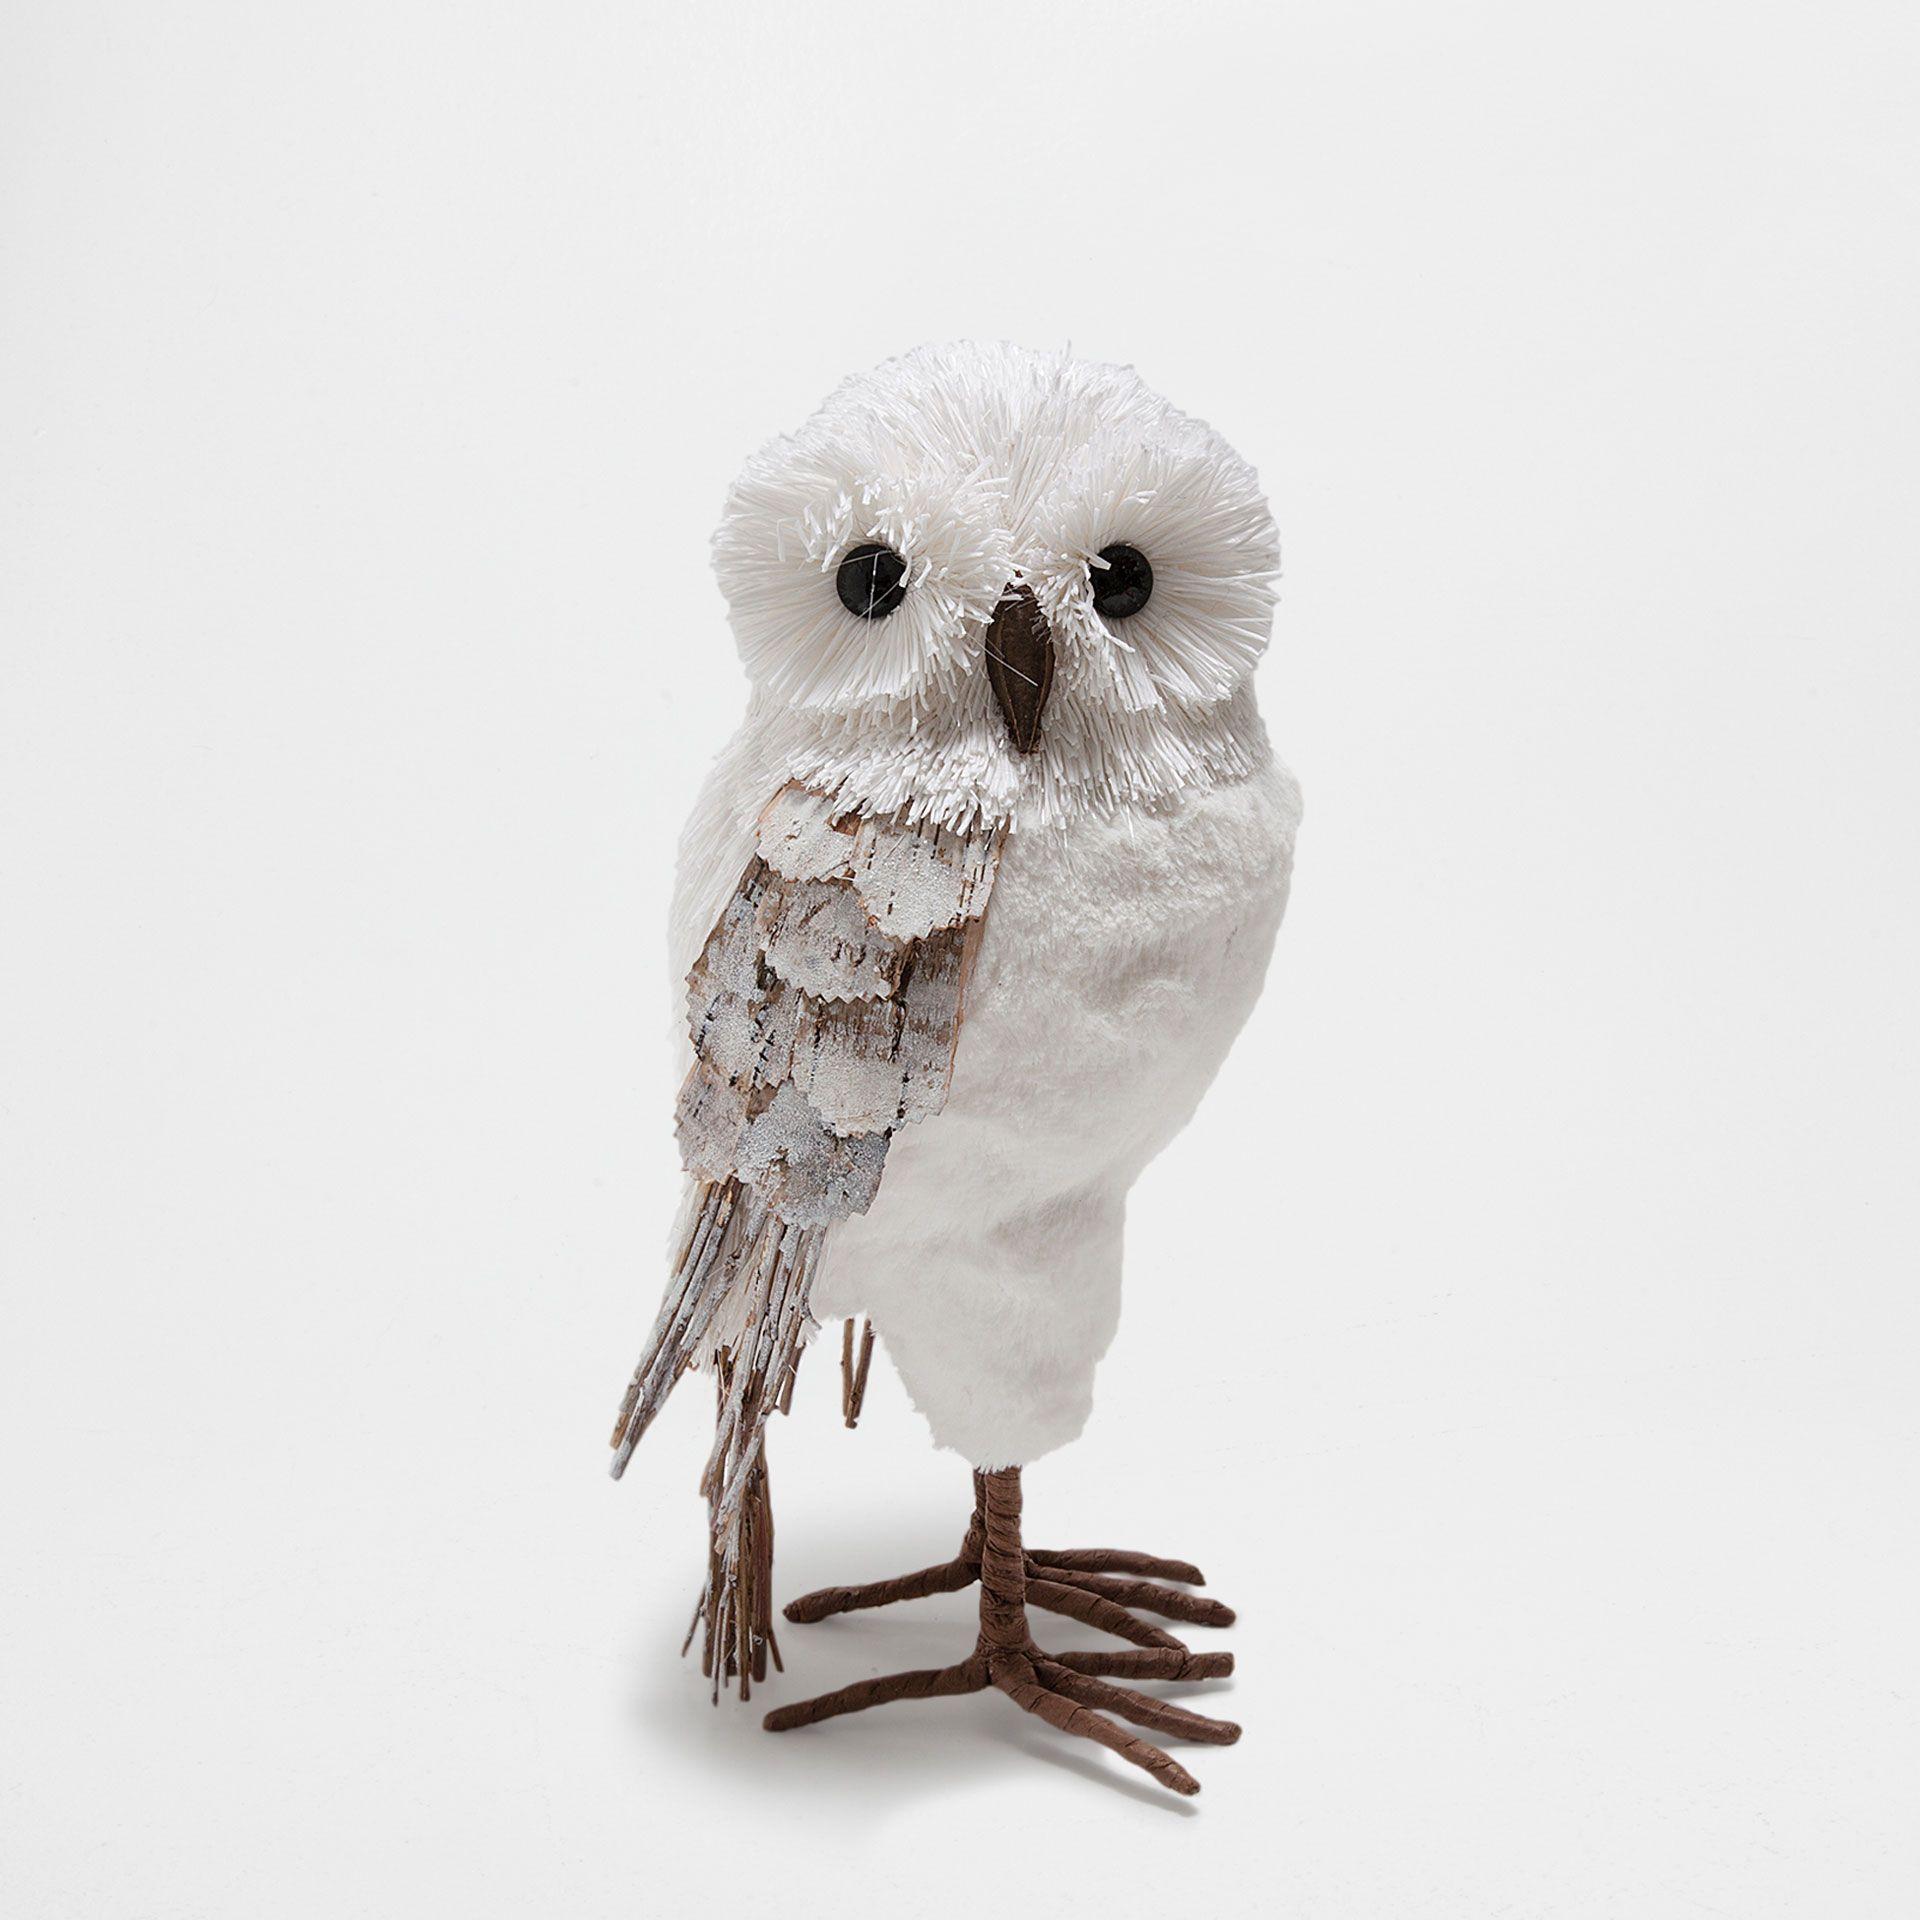 Adorno forma búho blanco - Accesorio decorativo - Navidad | Zara ...